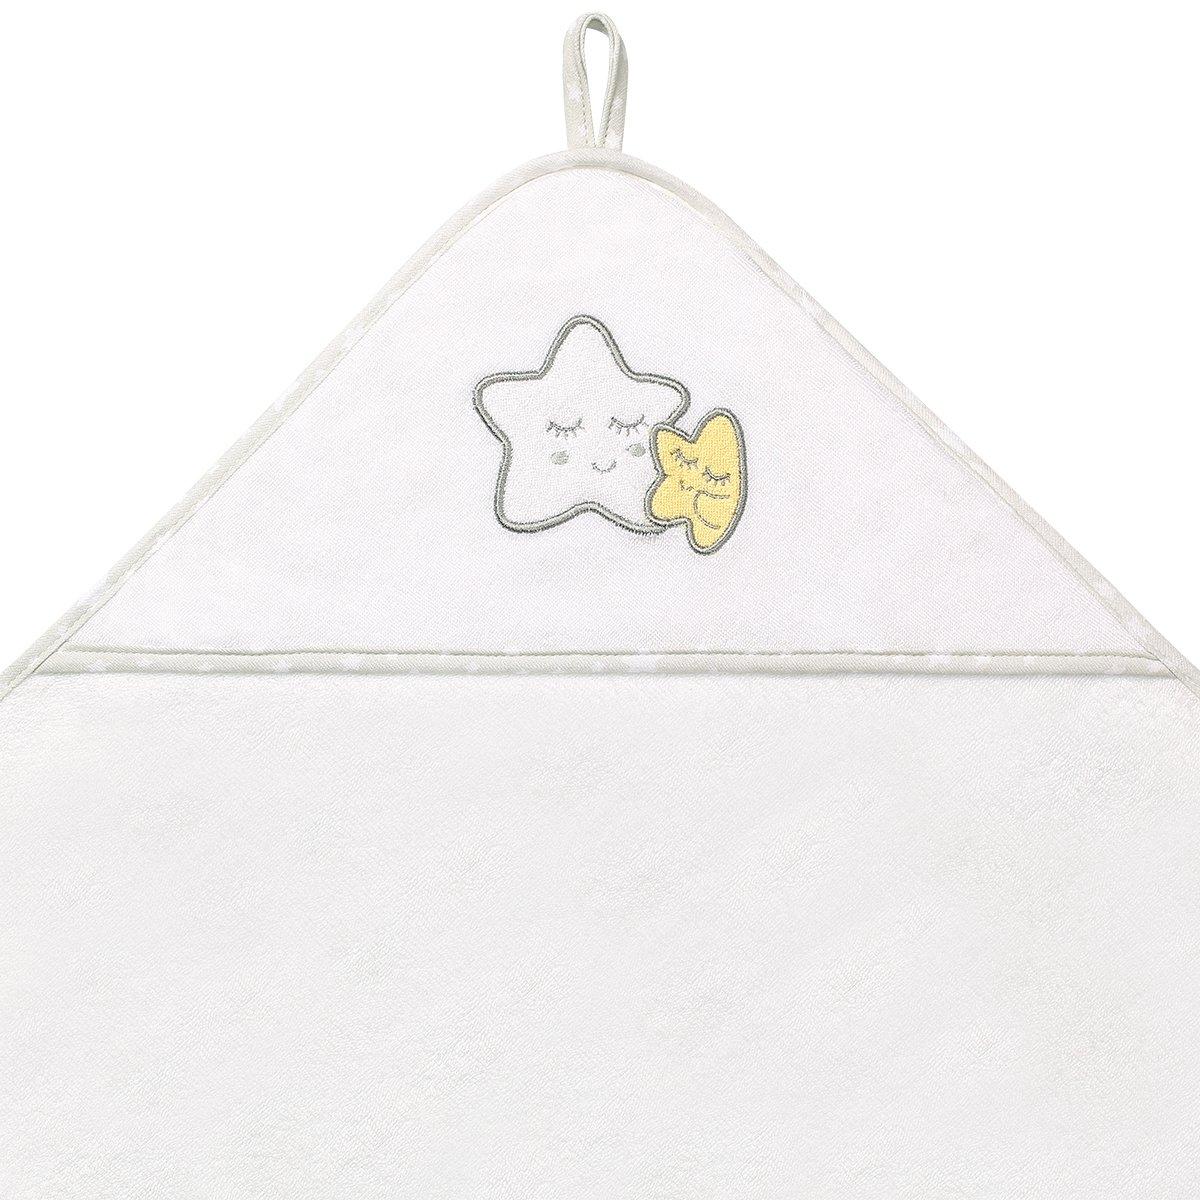 Osuška s kapucí hvìzdièka FROTTE 76x76 cm bílá - zvìtšit obrázek